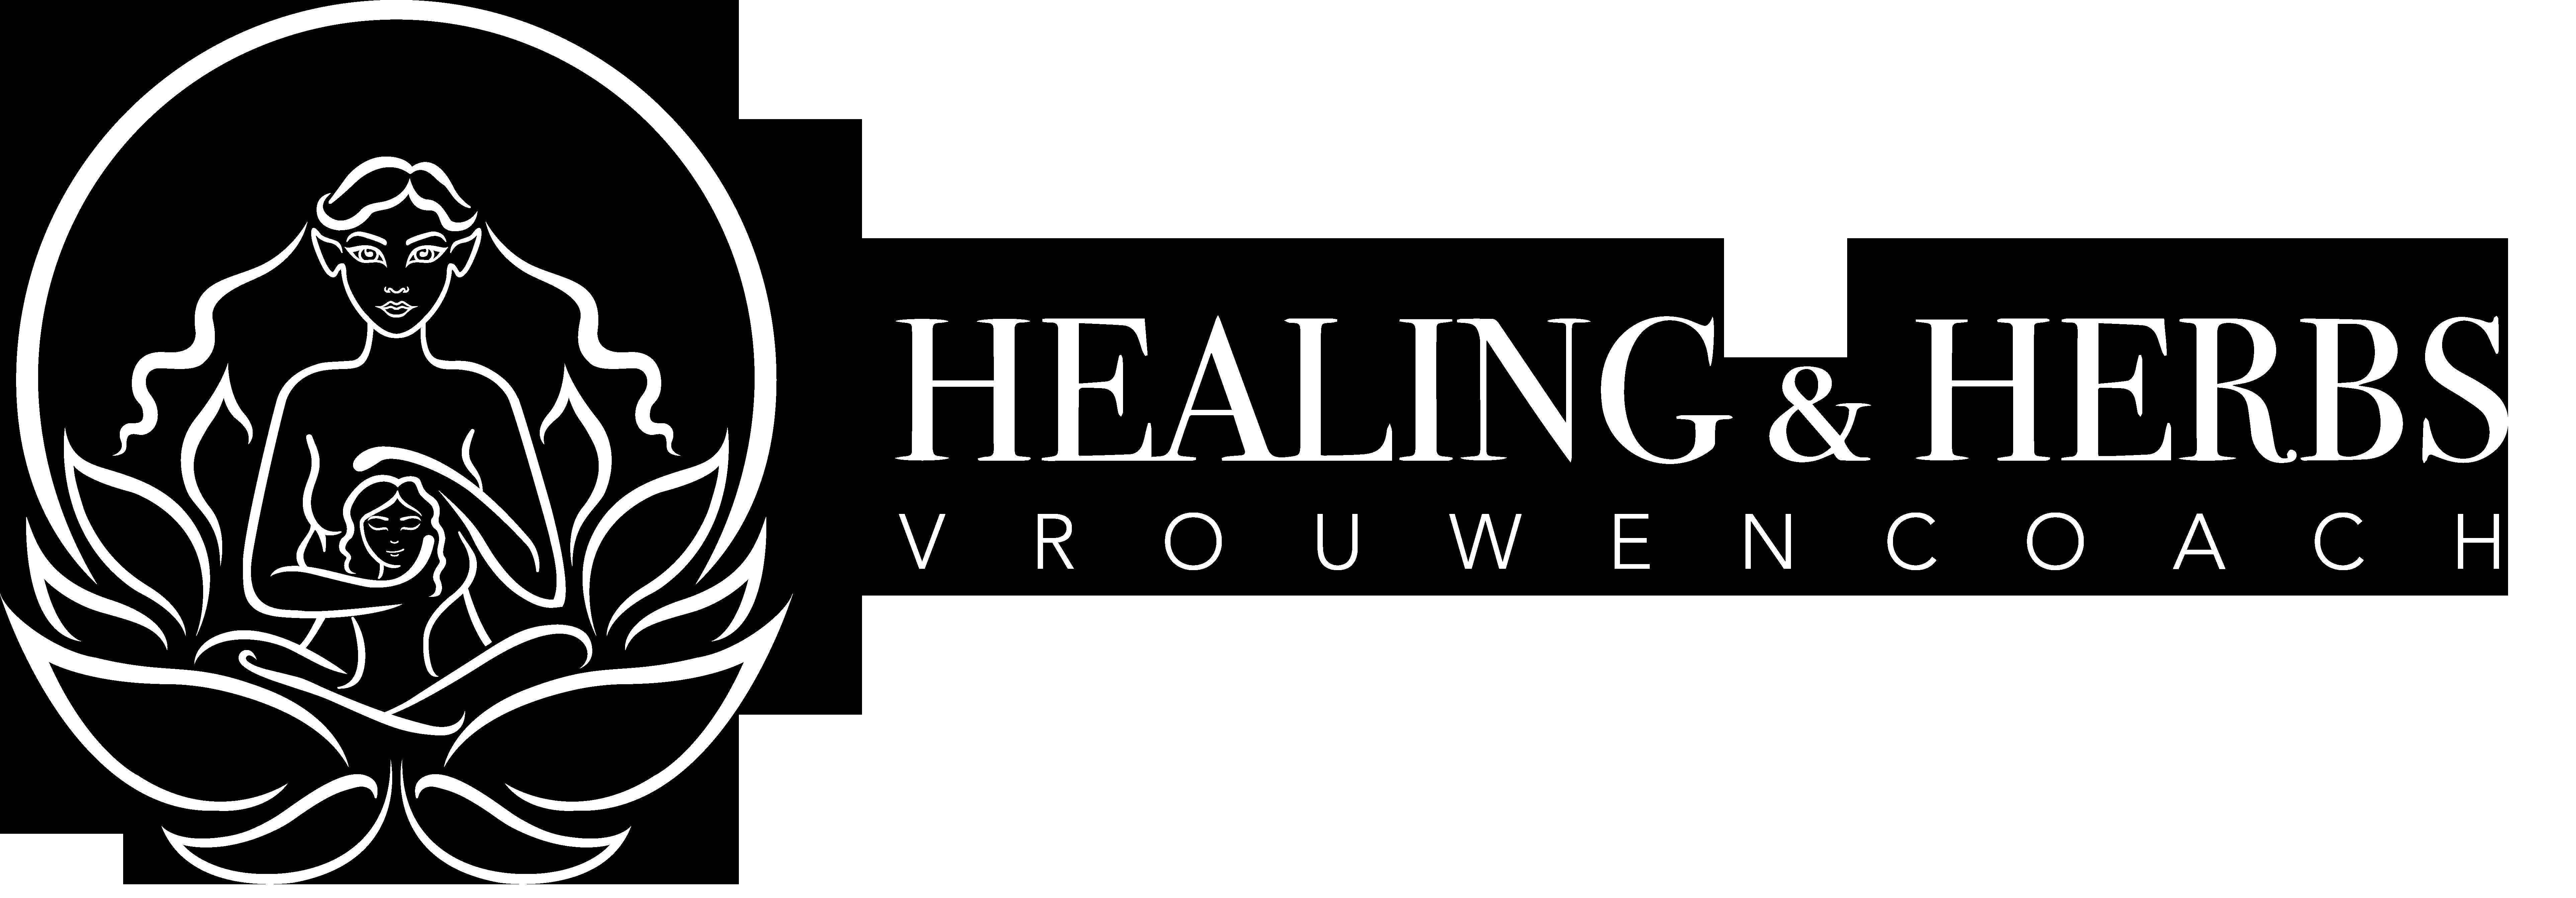 Healing & Herbs